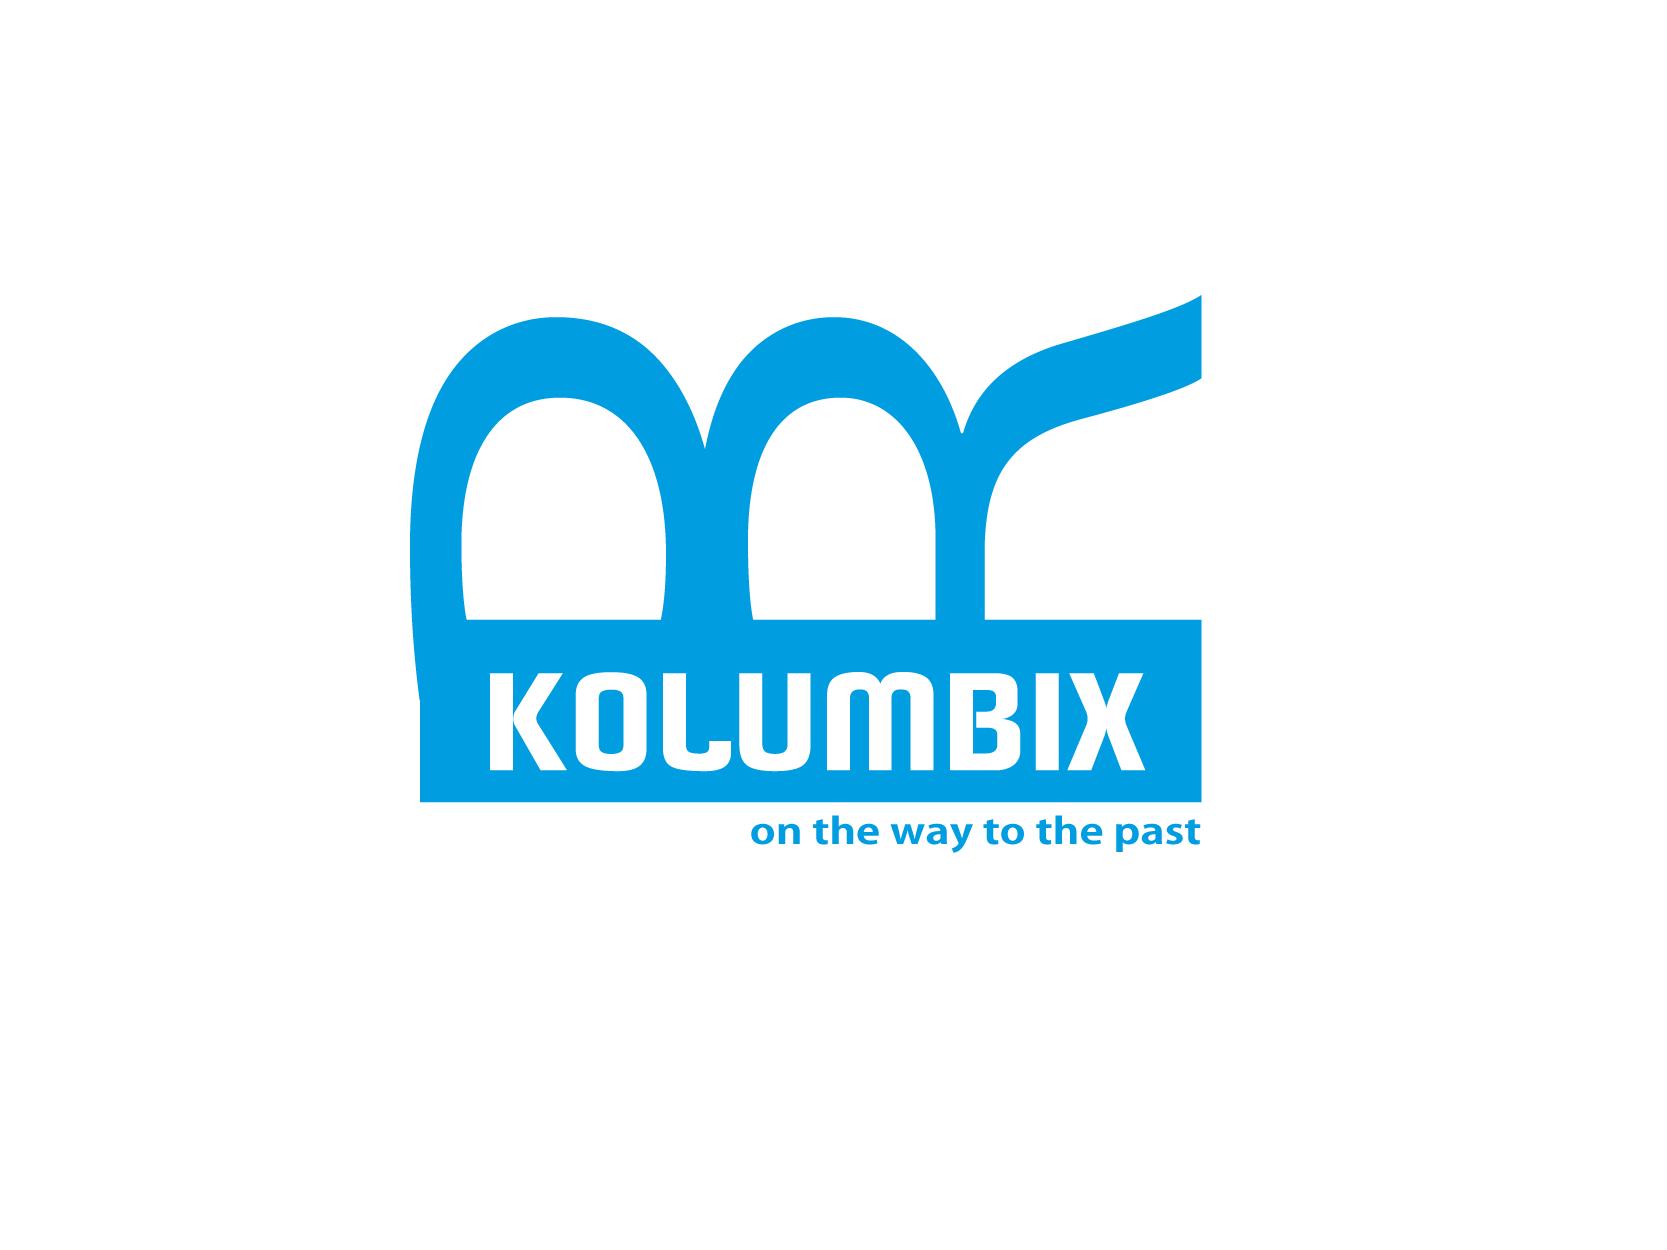 Создание логотипа для туристической фирмы Kolumbix фото f_4fb3b733337ec.png